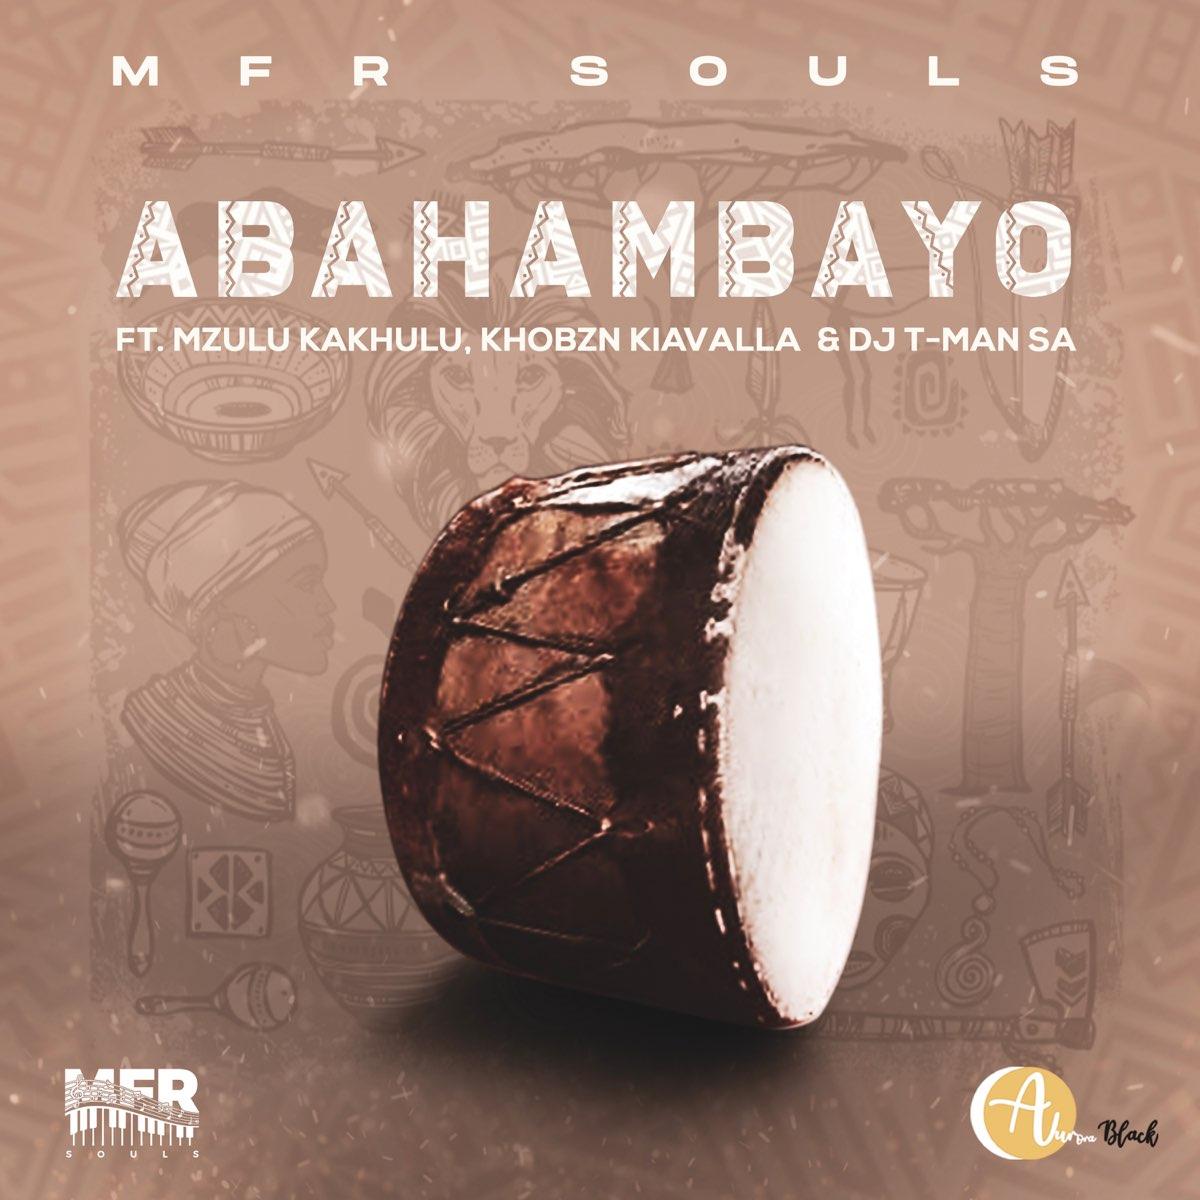 MFR Souls – Abahambayo Ft. Mzulu Kakhulu, Khobzn Kiavalla, T-Man SA mp3 download